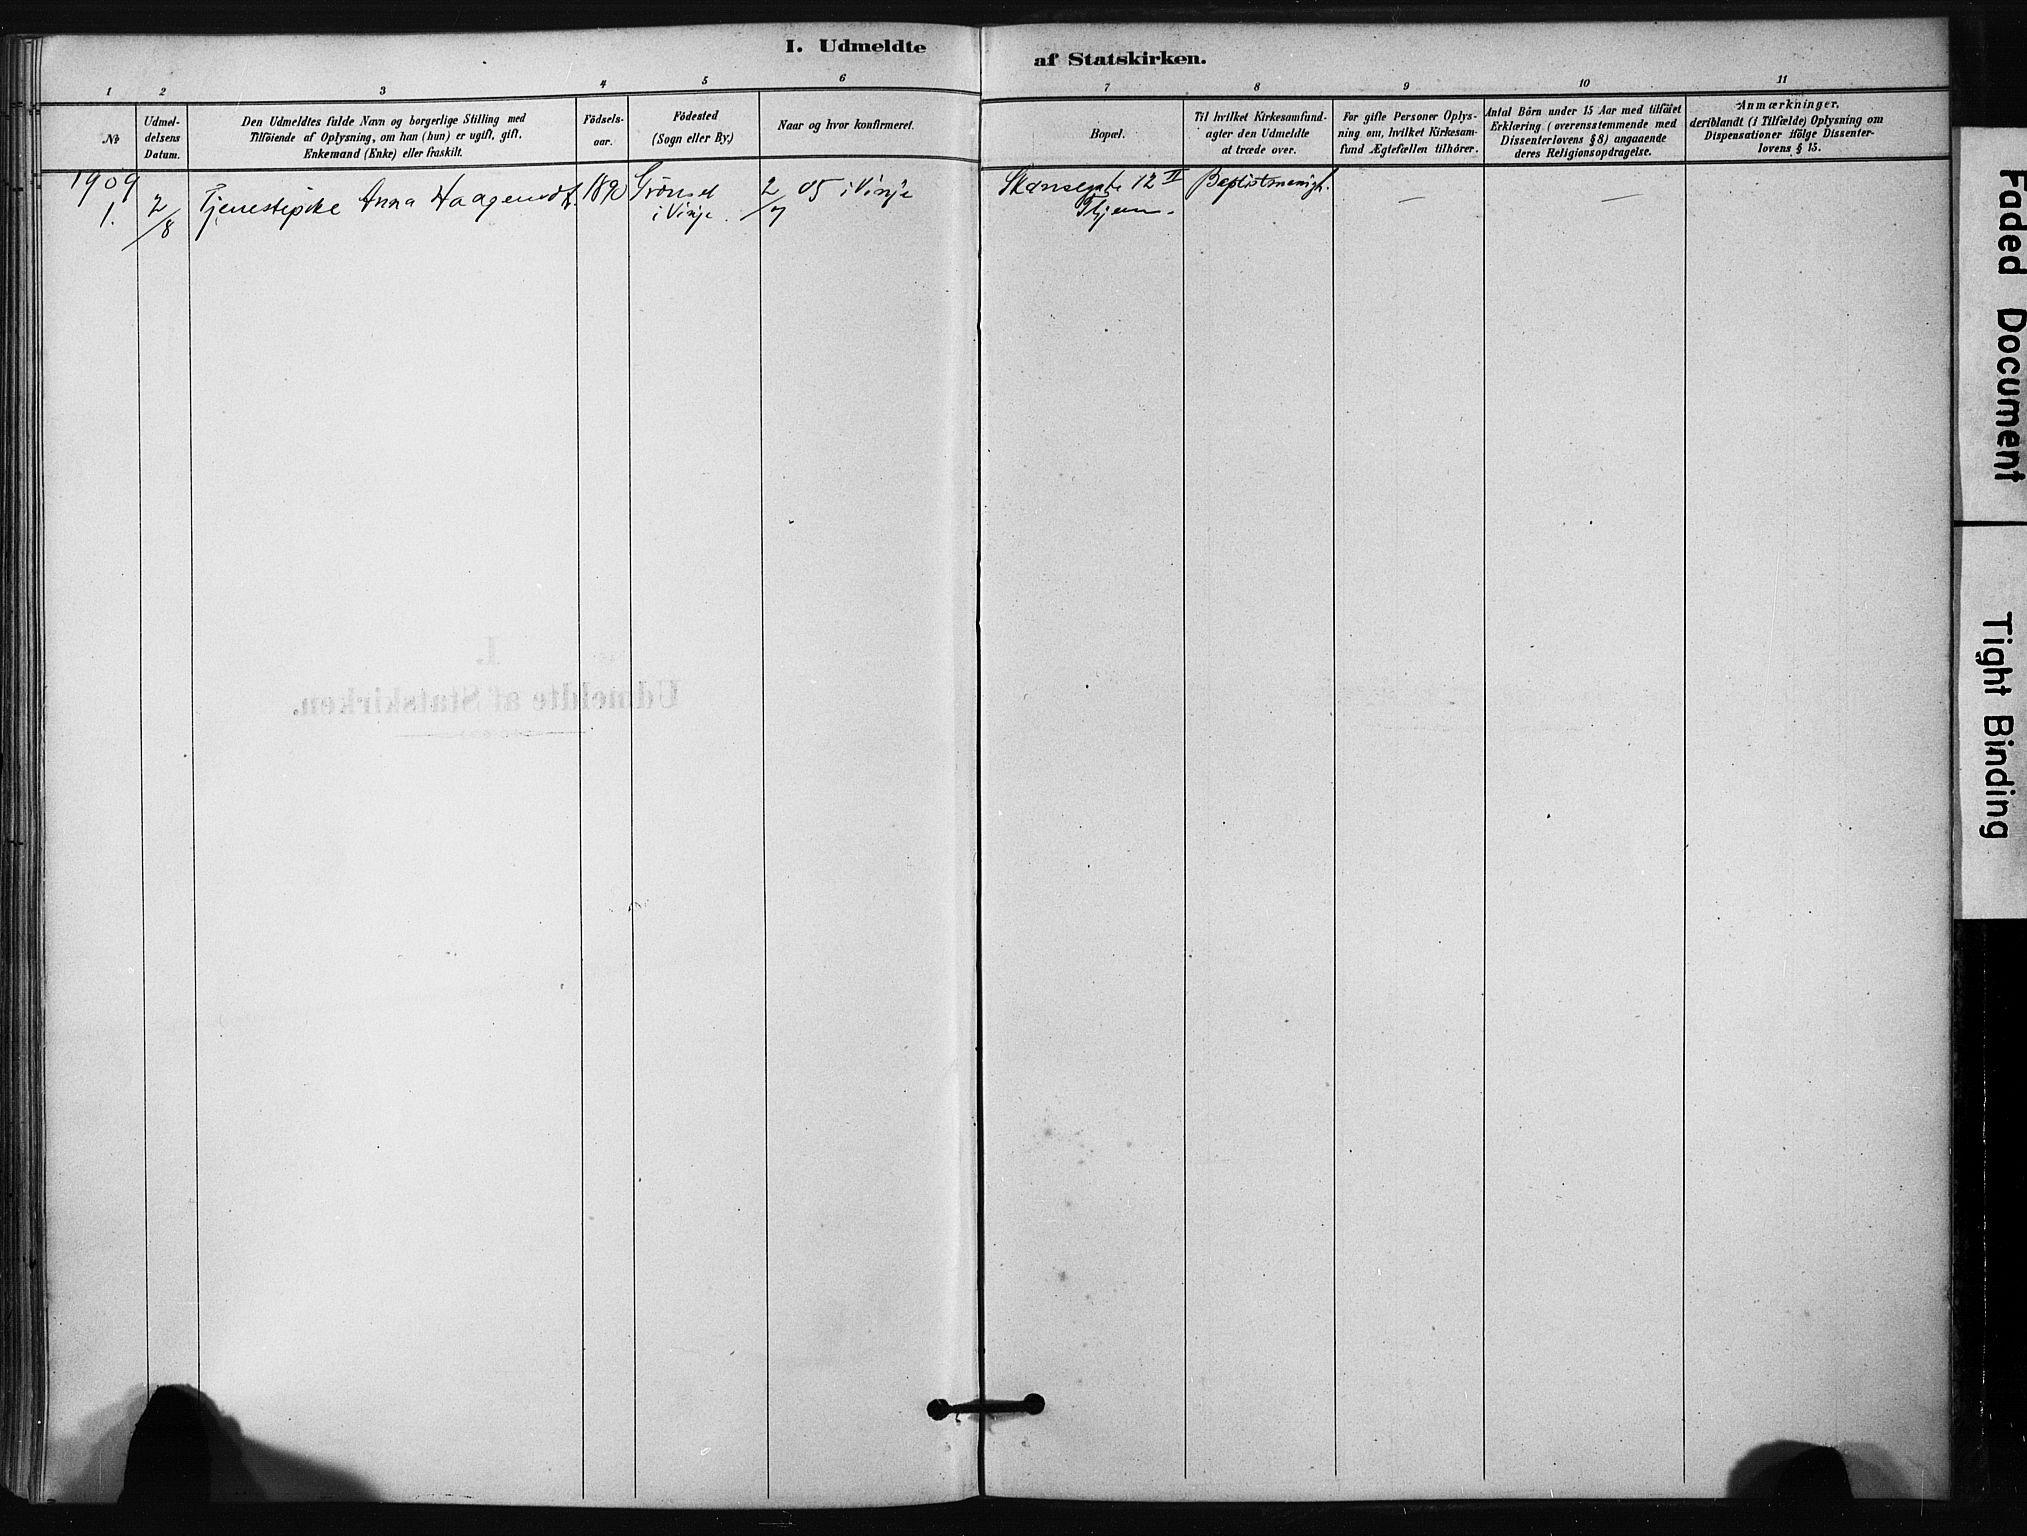 SAT, Ministerialprotokoller, klokkerbøker og fødselsregistre - Sør-Trøndelag, 631/L0512: Ministerialbok nr. 631A01, 1879-1912